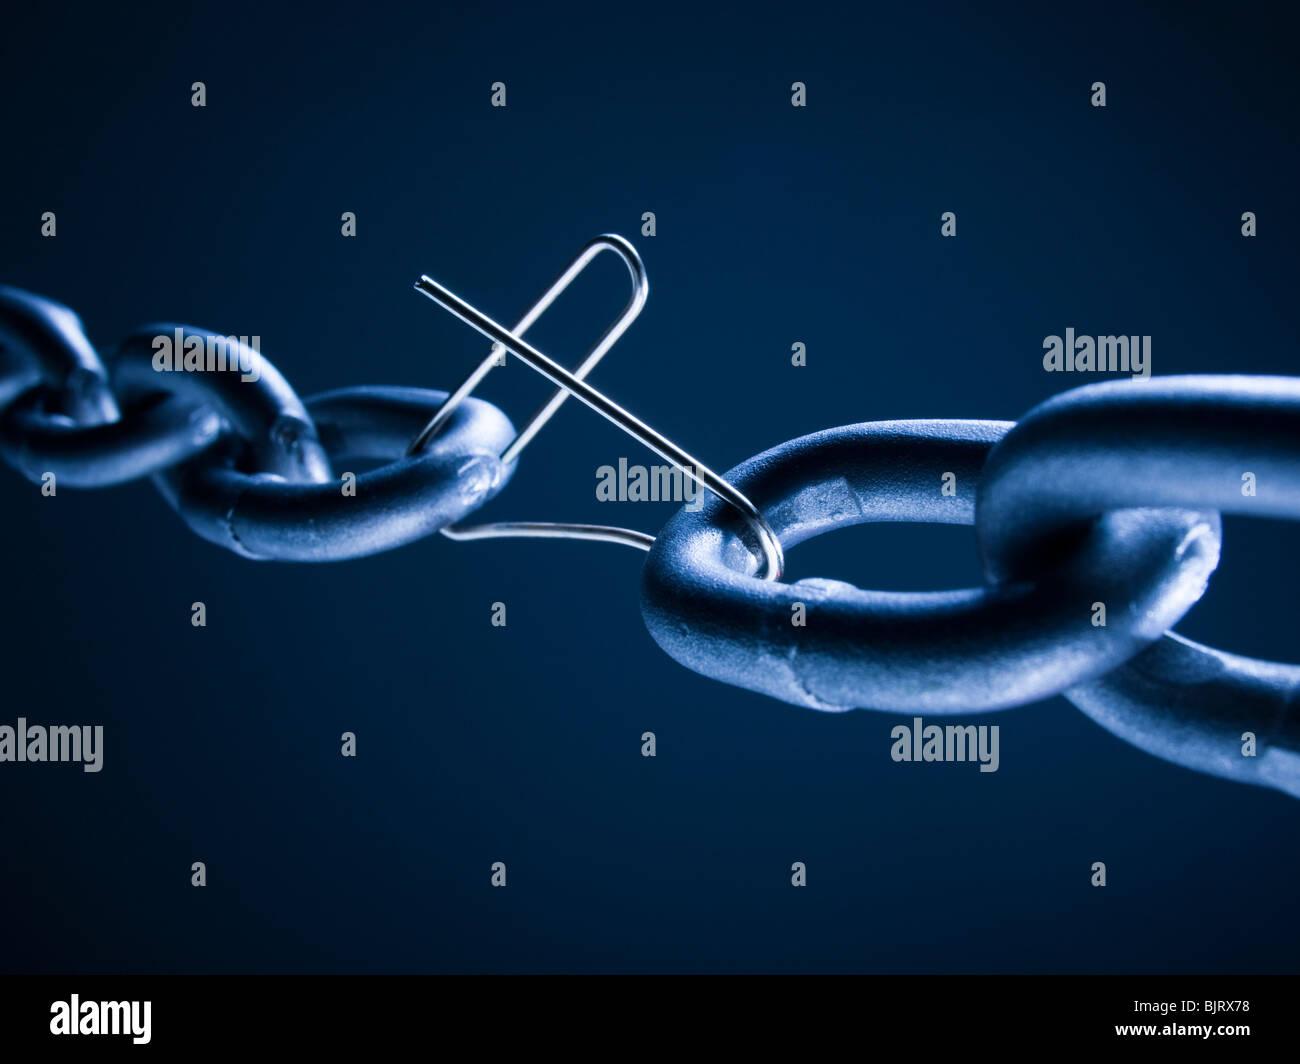 Cadena vinculada con clip roto contra el fondo azul. Imagen De Stock